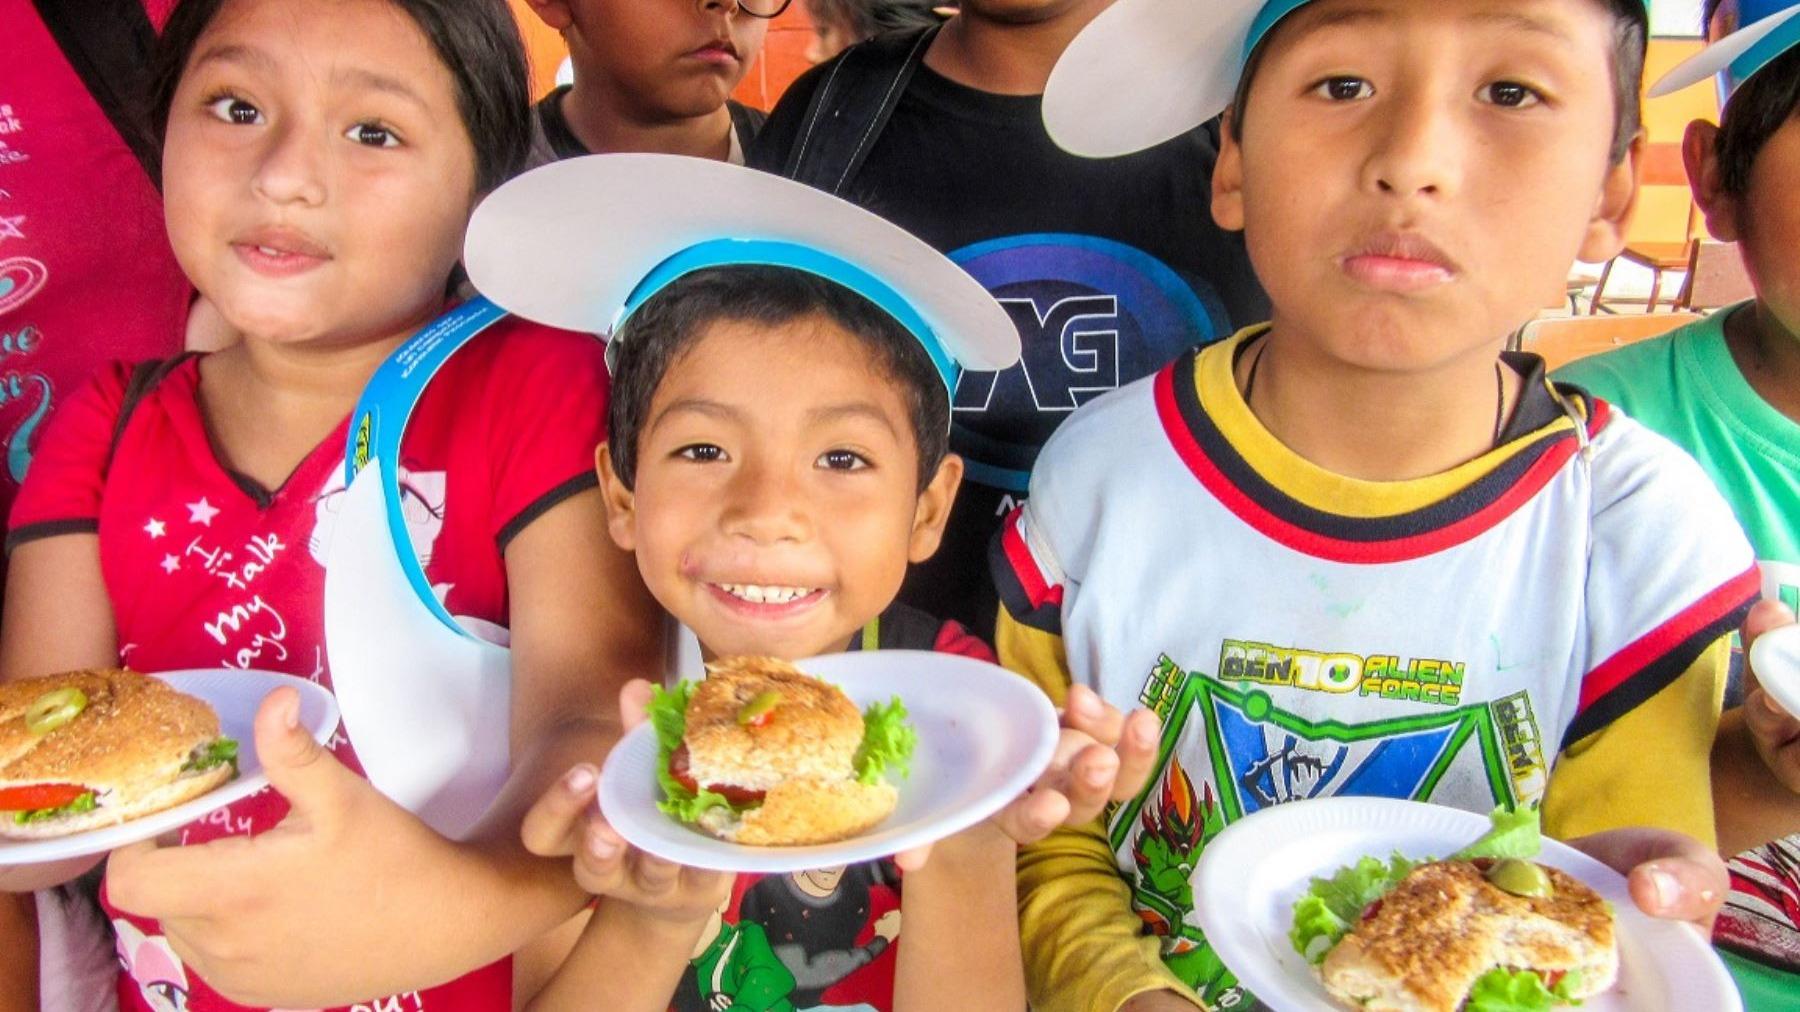 En el Perú, este estudio ha sido elaborado en base a dos instrumentos de medición nacional: la Encuesta demográfica y de salud familiar (Endes) y la Encuesta nacional de hogares (Enaho)